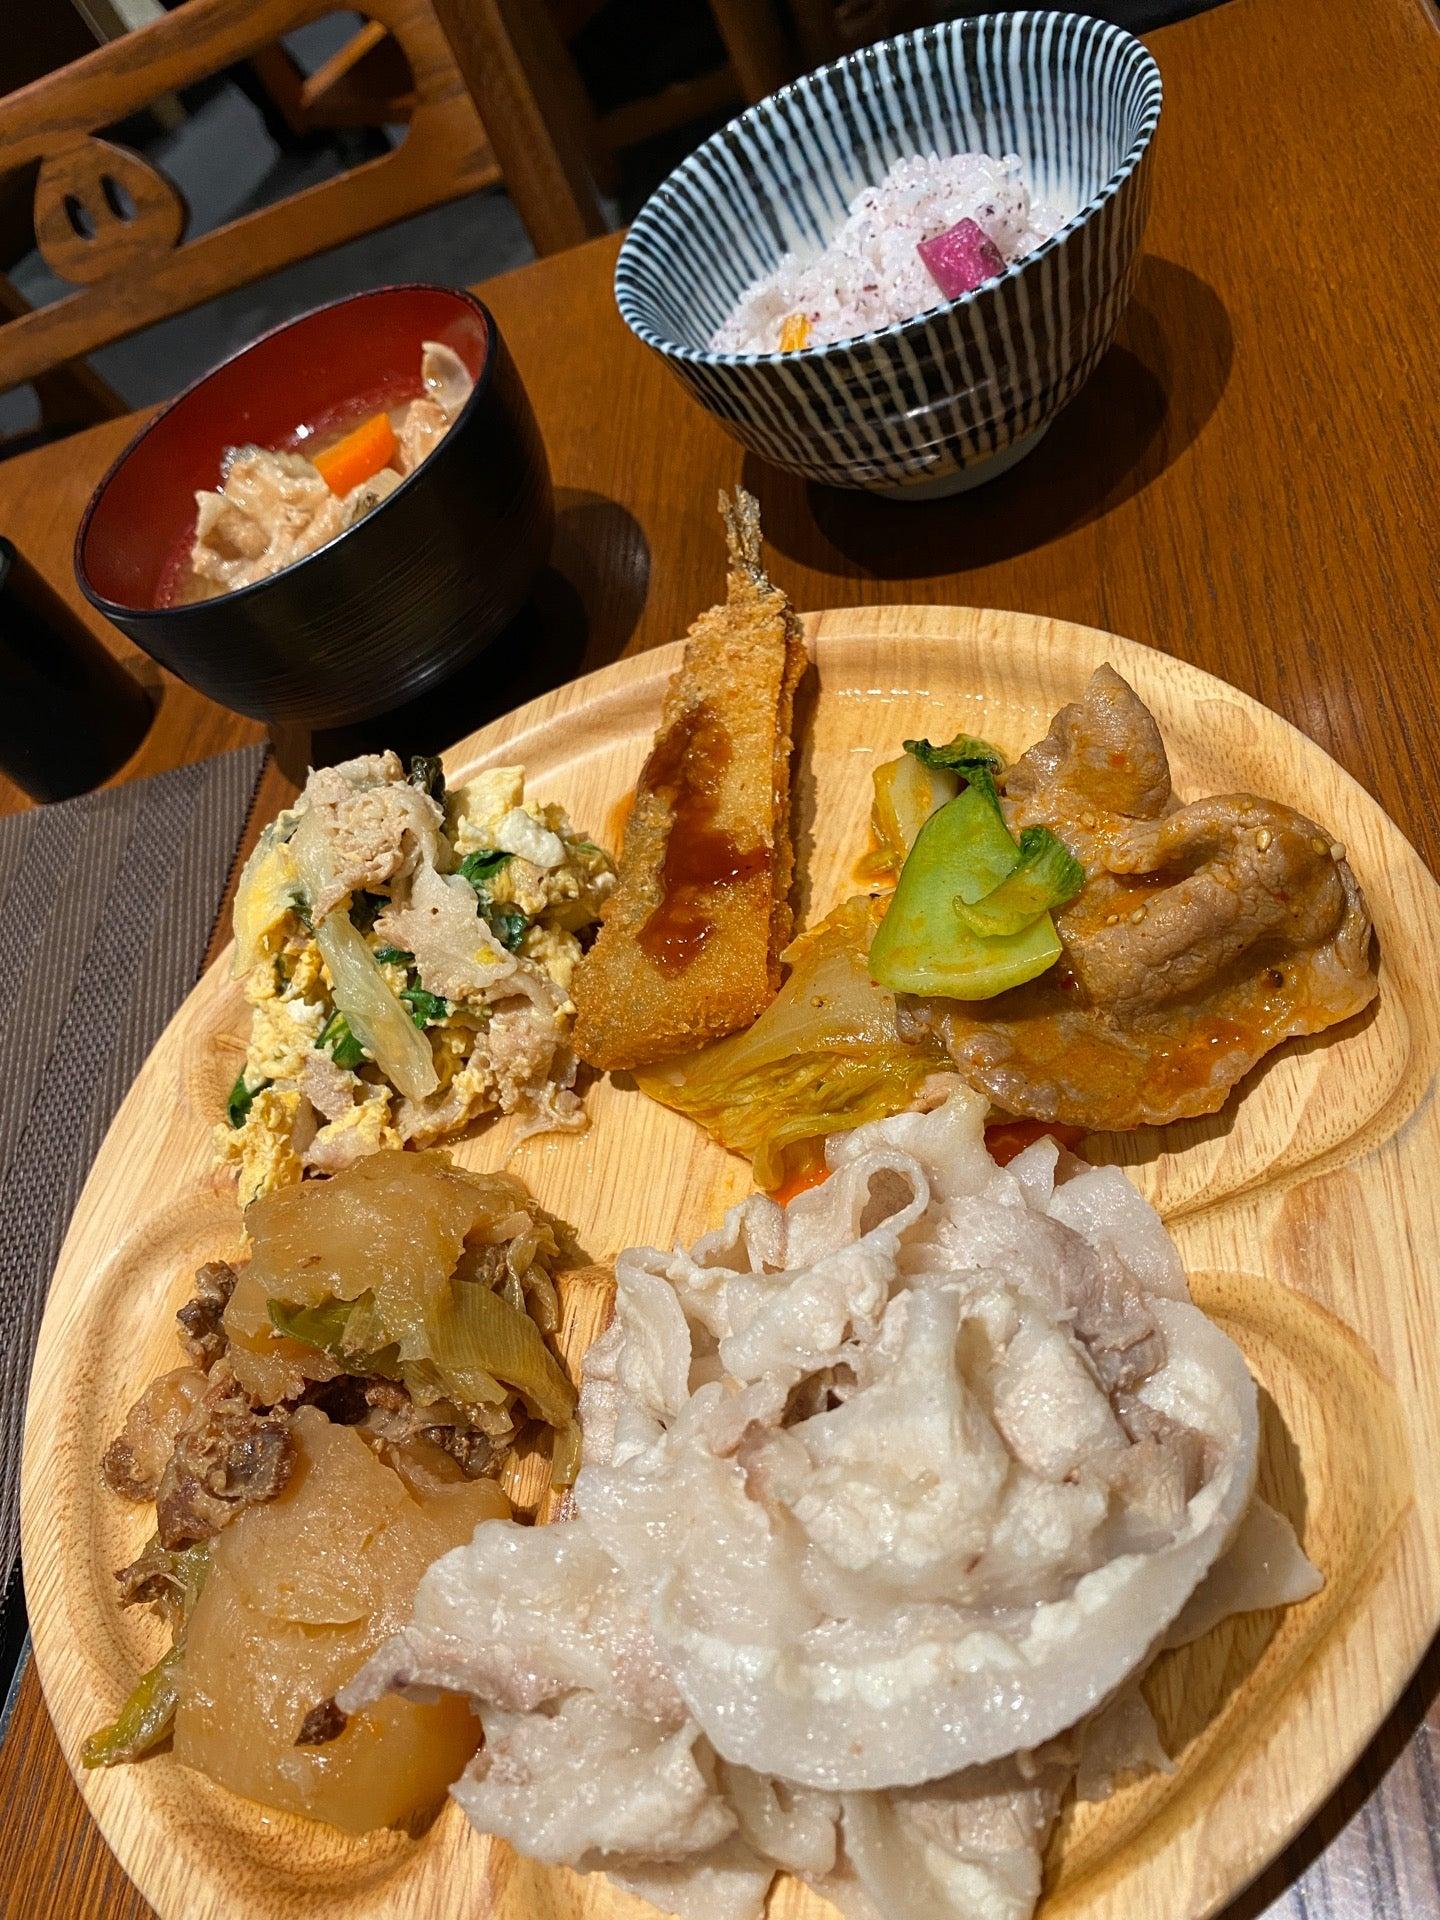 ぶた食べ放題 (@ 豚道 名駅店 in Nagoya, 愛知県) https://t.co/SD9OJlVSU3 https://t.co/qBKh5nD4EQ